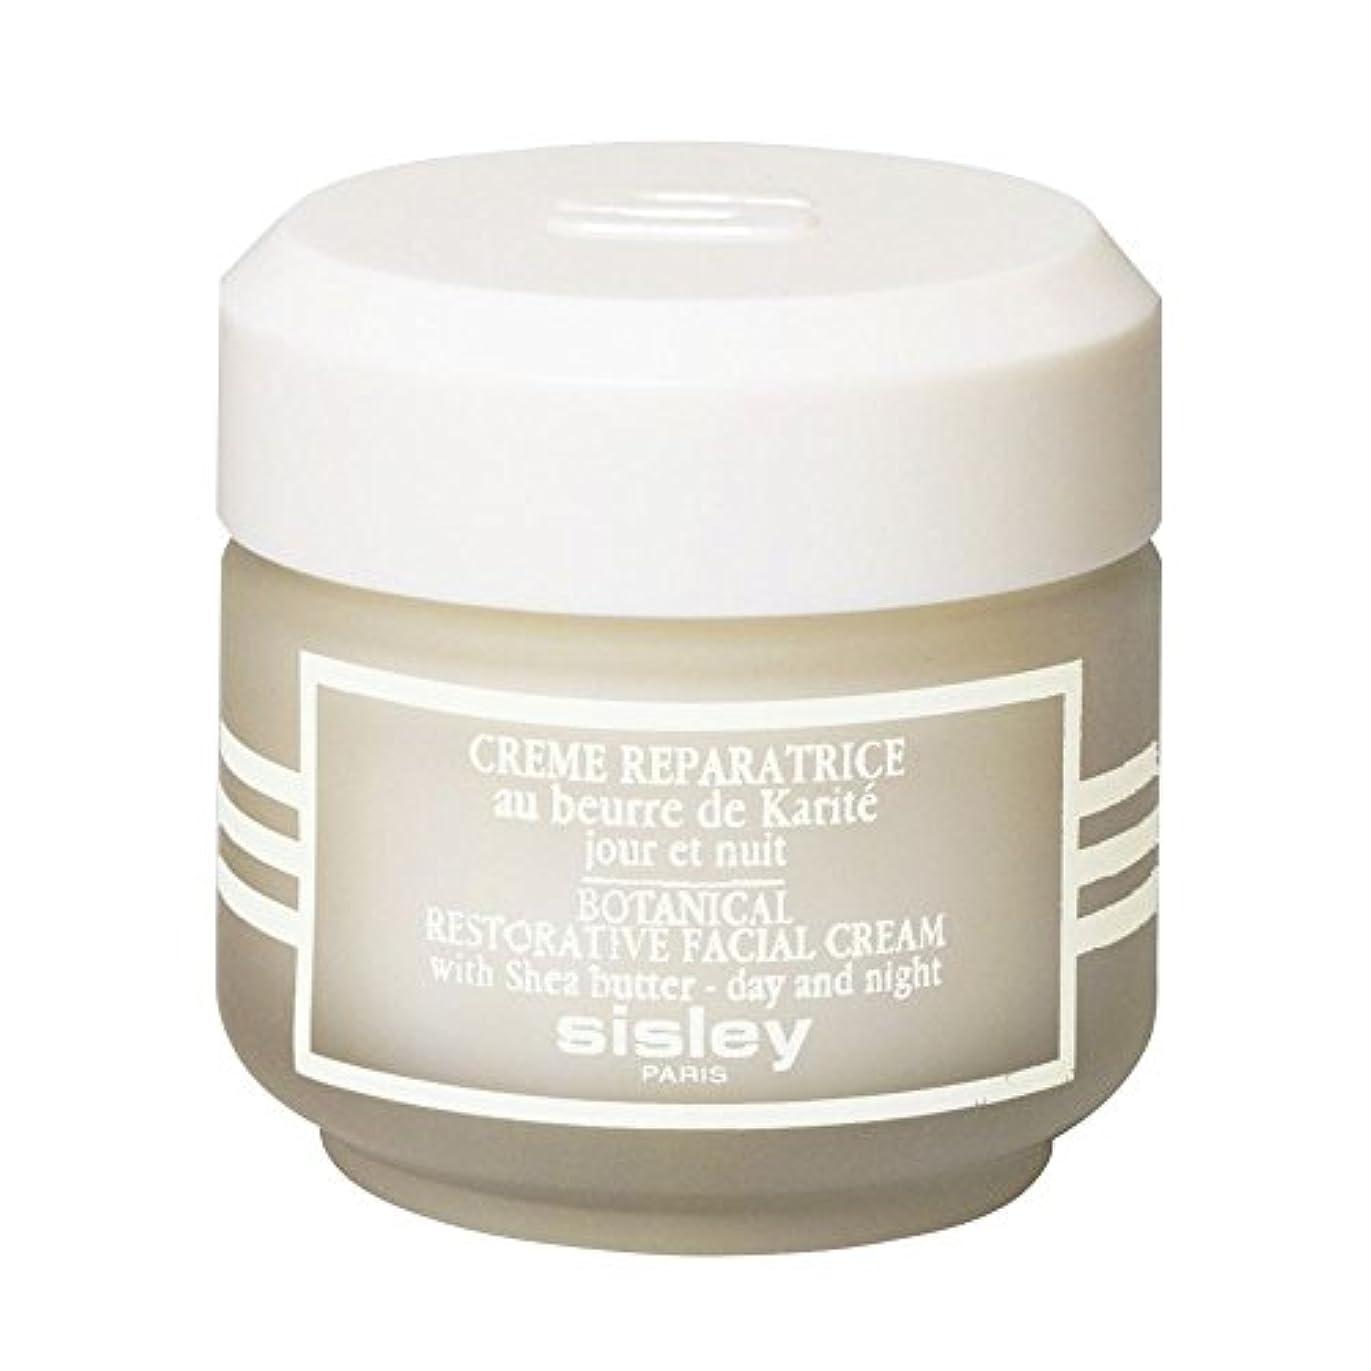 地震持ってる確かめる[Sisley] シスレーボタニカル修復フェイスクリーム、50ミリリットル - Sisley Botanical Restorative Face Cream, 50ml [並行輸入品]